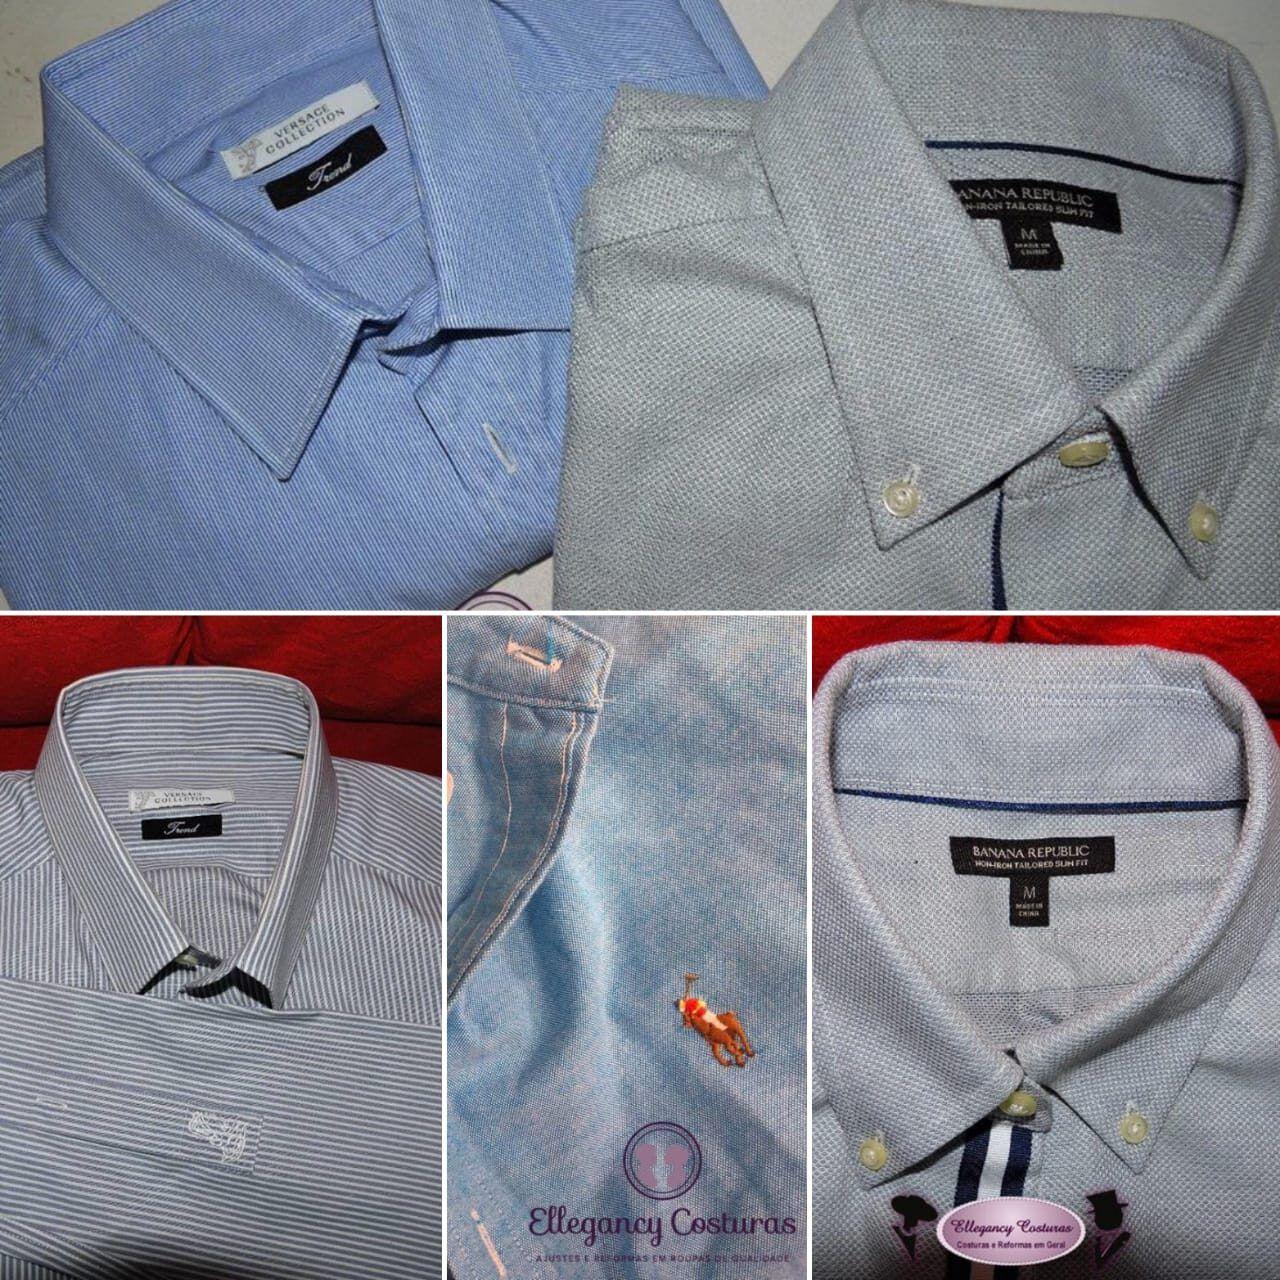 ajustes-em-camisas-de-alfaiataria-ellegancy-costuras-www-elcosturas-com_-br_-8063144